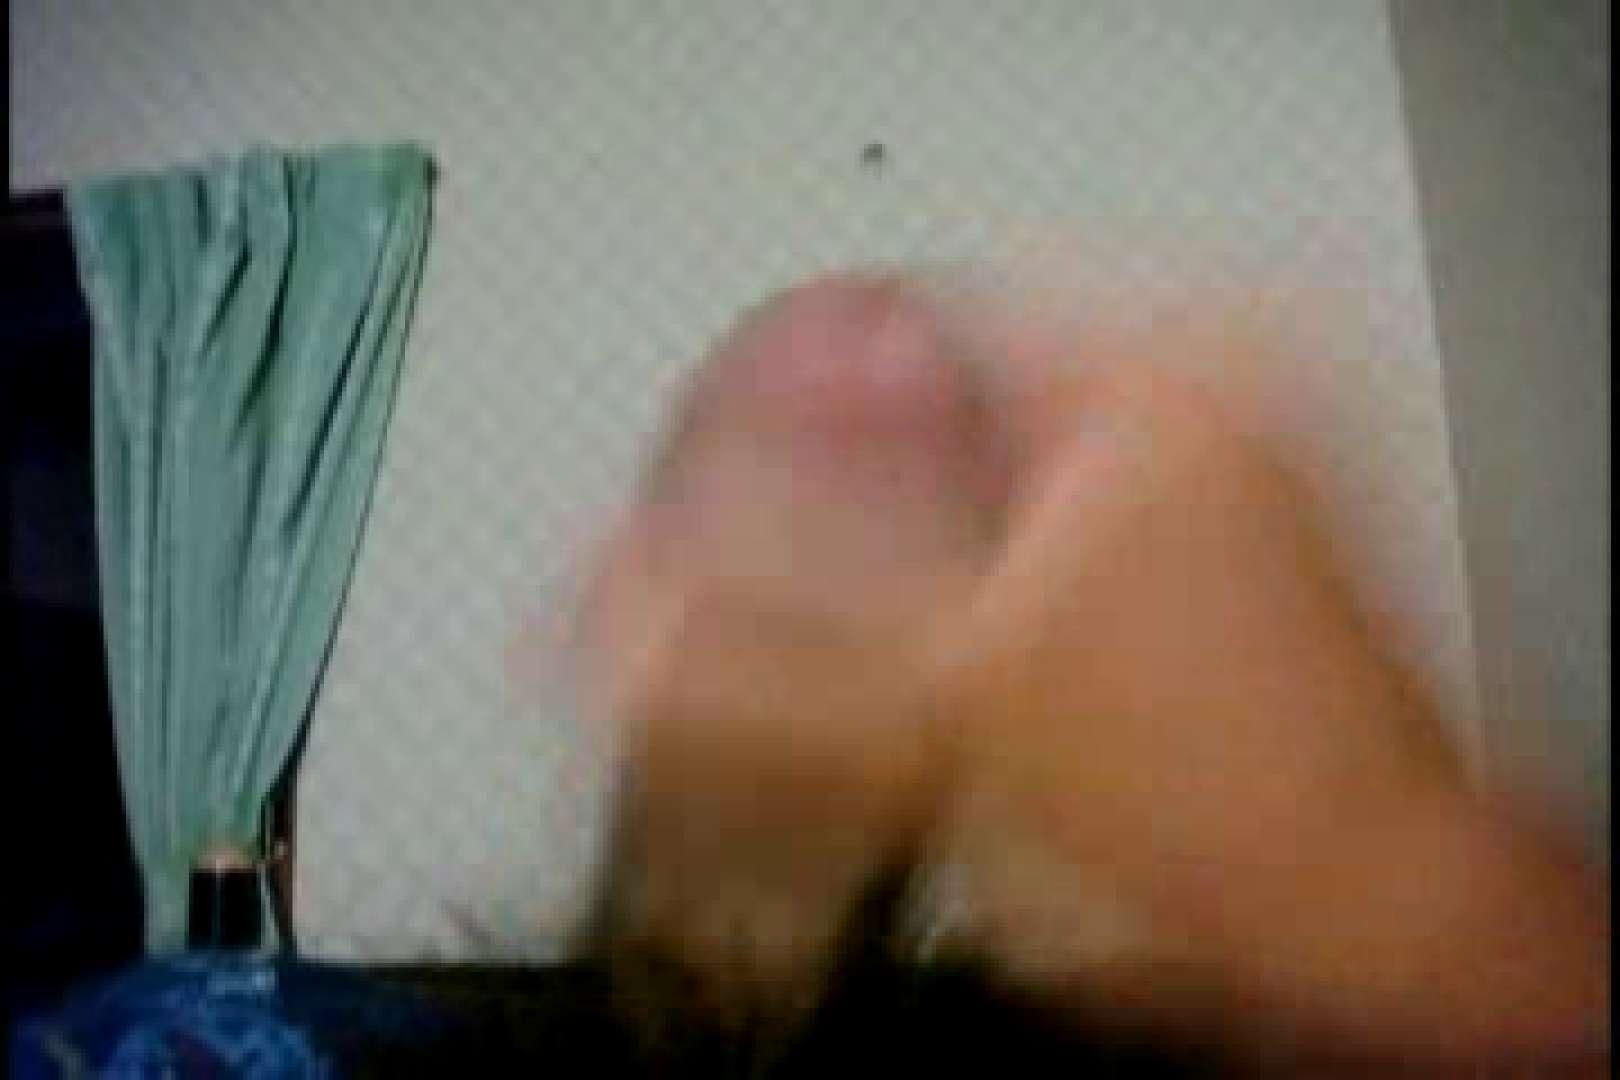 オナ好きノンケテニス部員の自画撮り投稿vol.03 モザイク無し ゲイ無修正動画画像 97pic 50